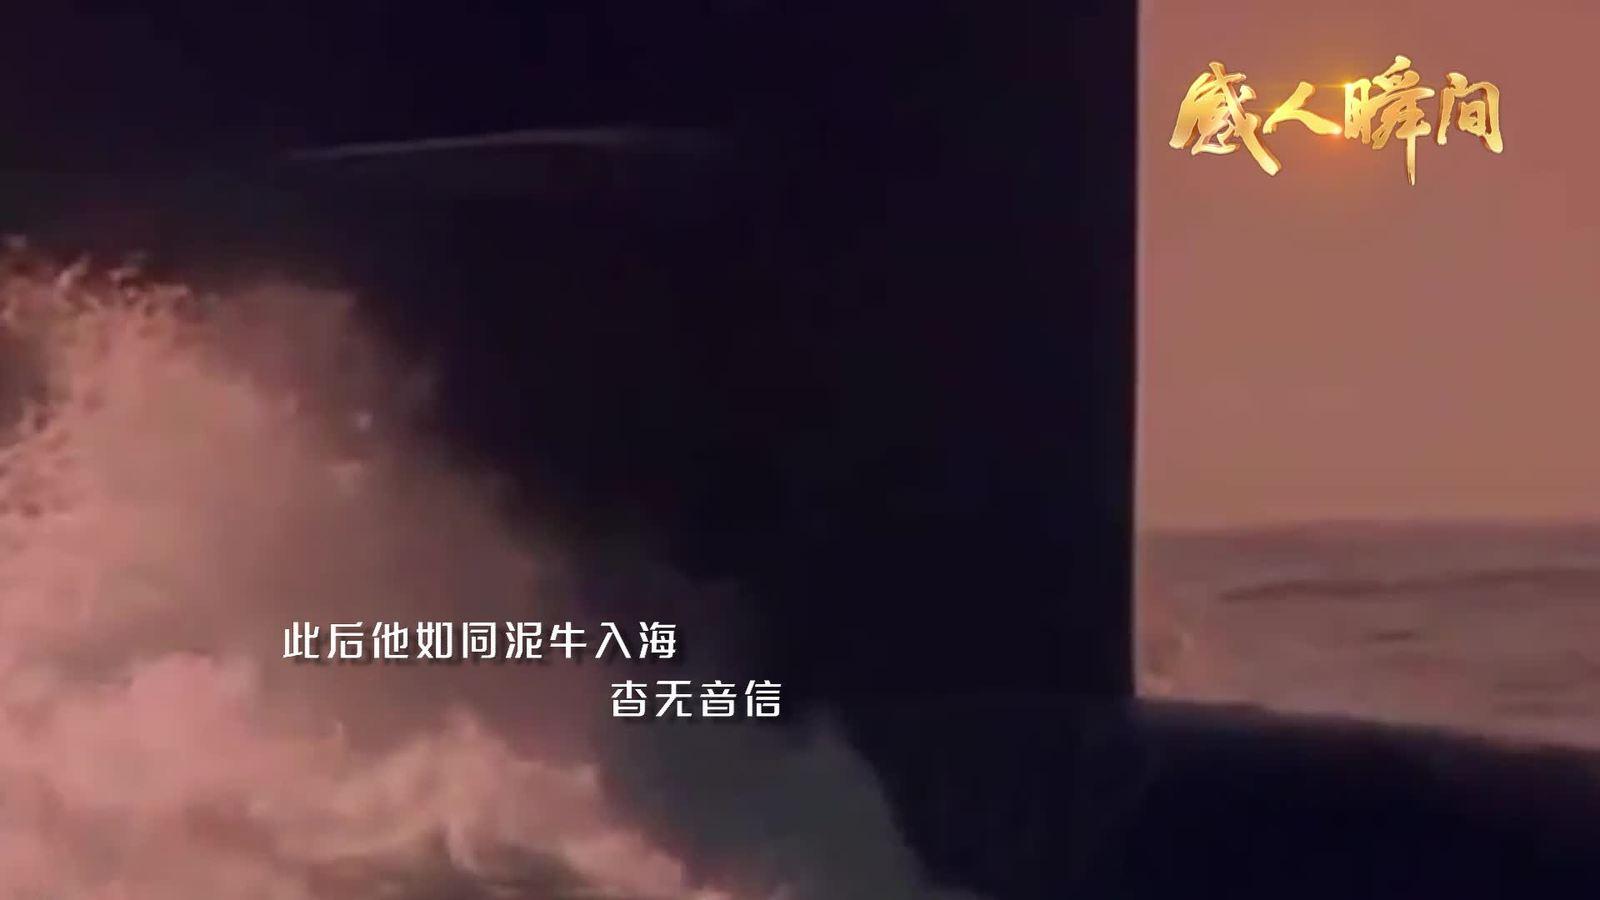 """科學家精神主題""""感人瞬間""""微視頻展播——黃旭華"""